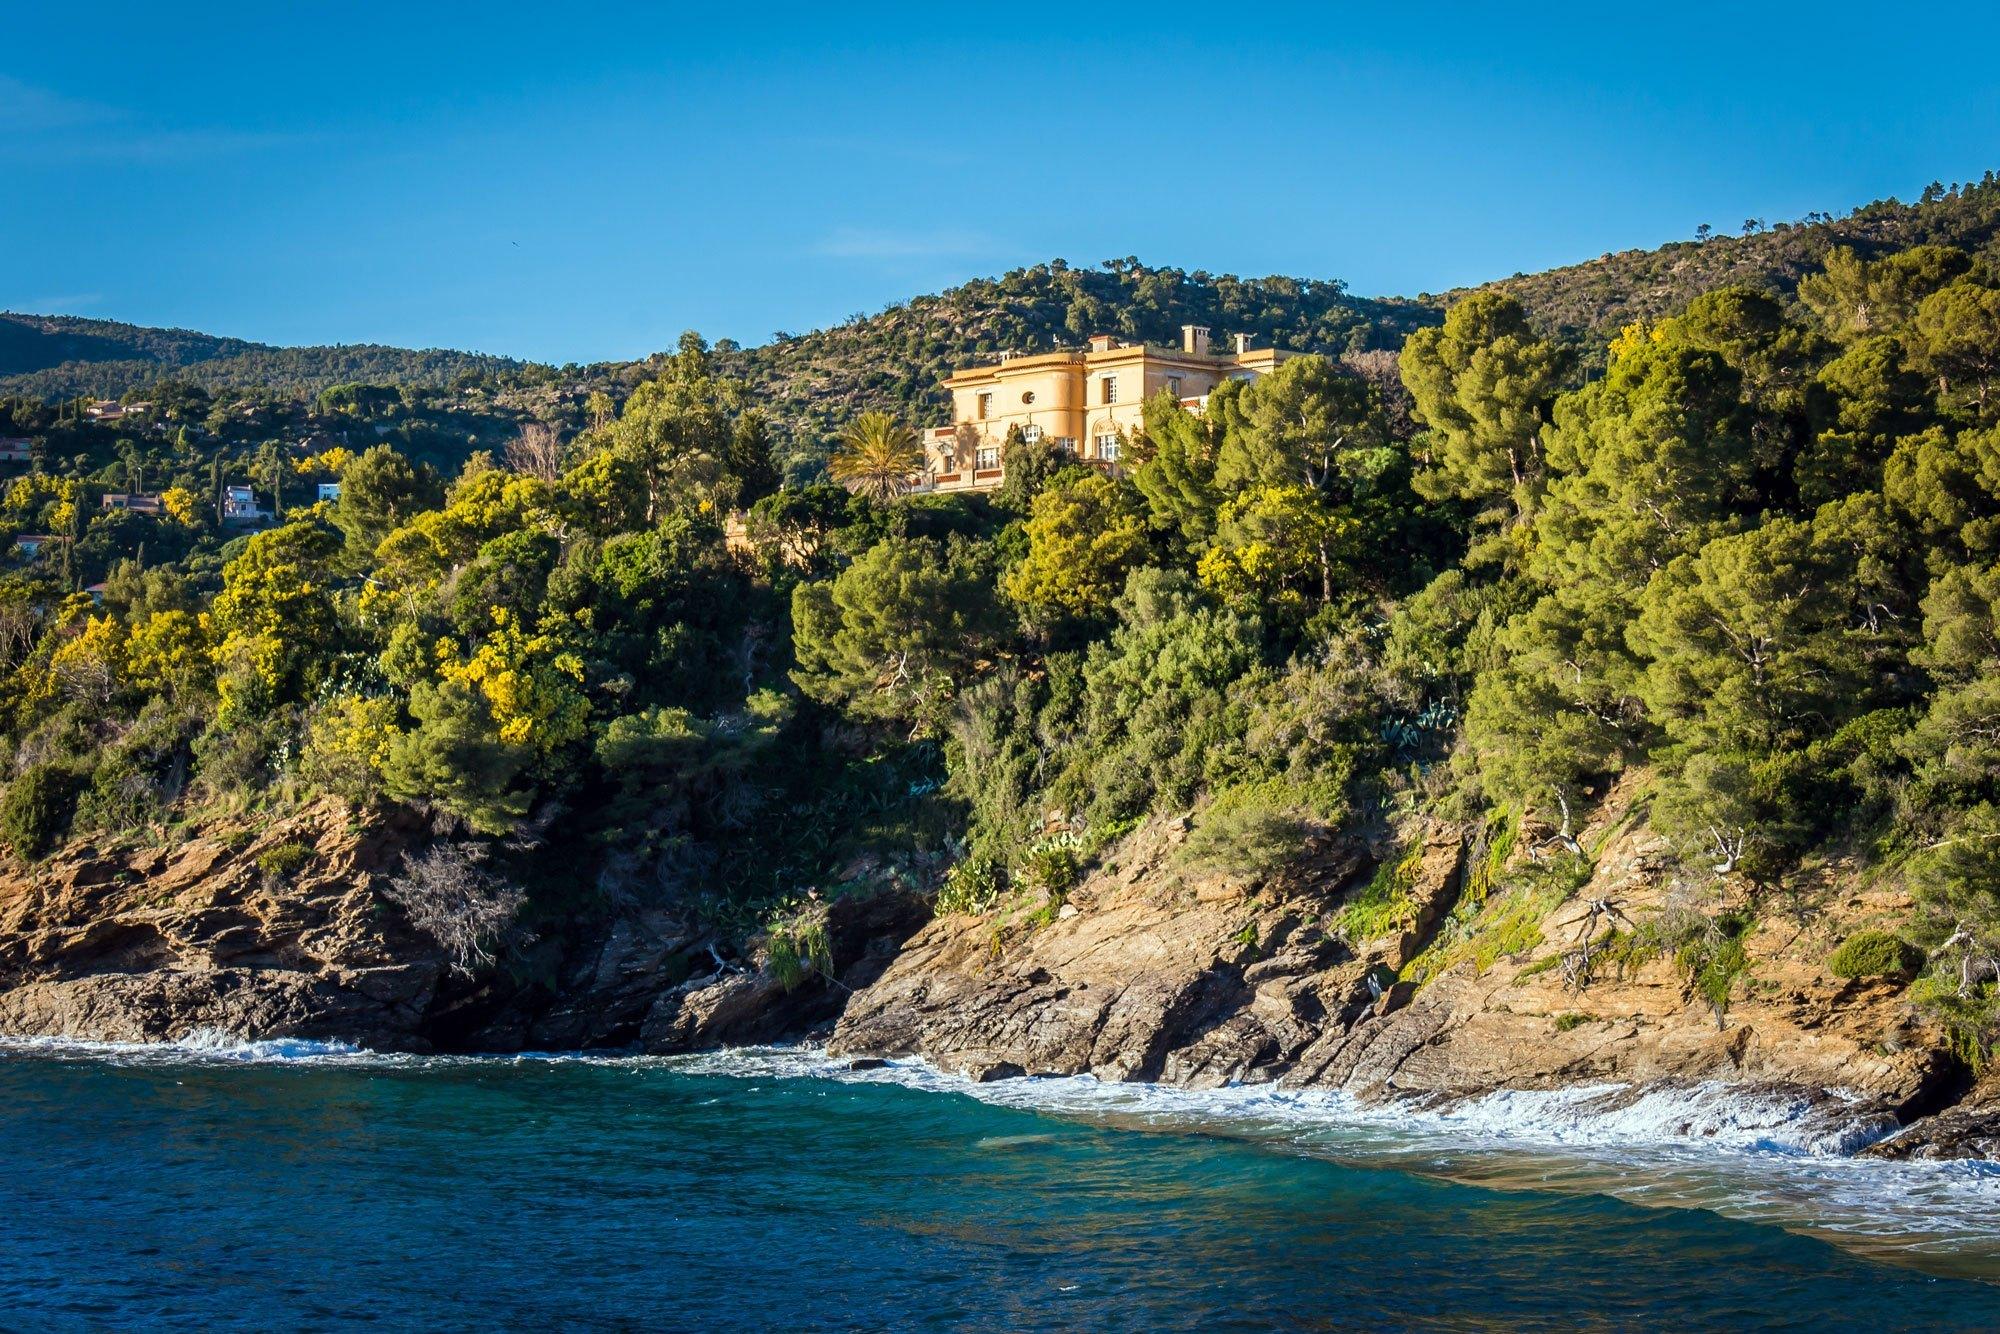 Le domaine du rayol les incontournables camping cap taillat ramatuelle - Camping les jardins de la mer antibes ...